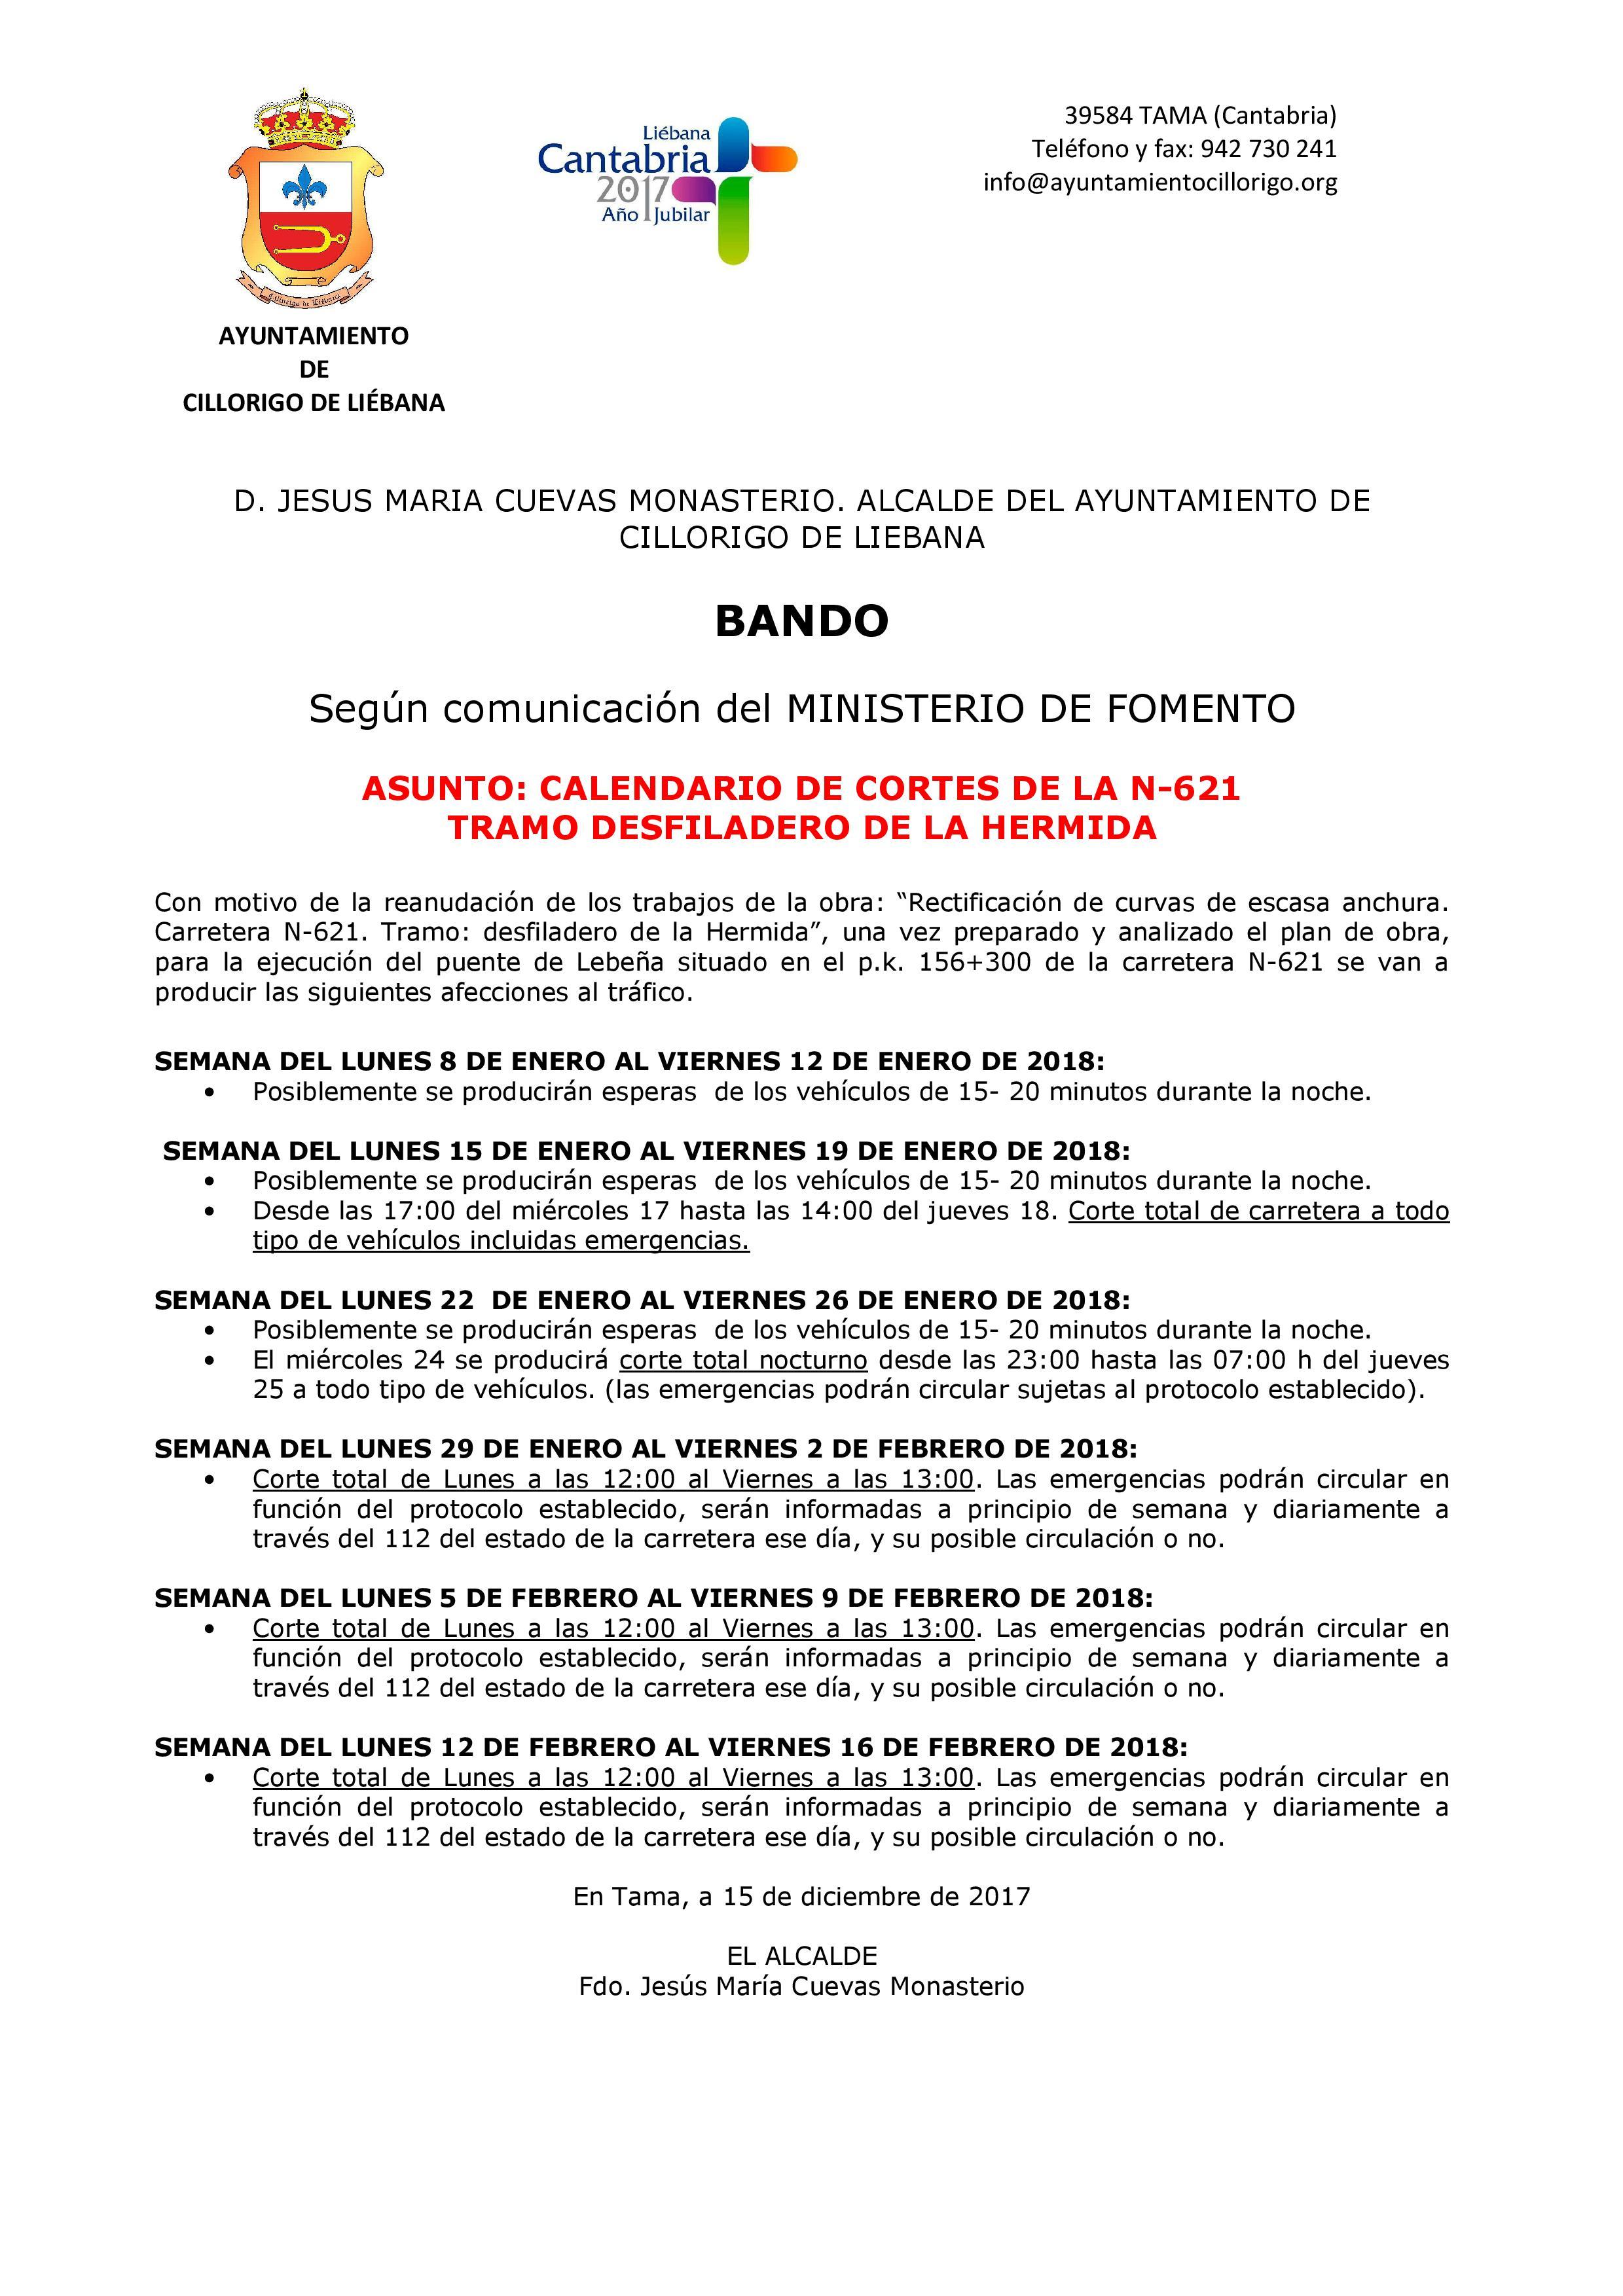 Calendario de Cortes Carretera Desfiladero de la Hermida - Grupo de ...